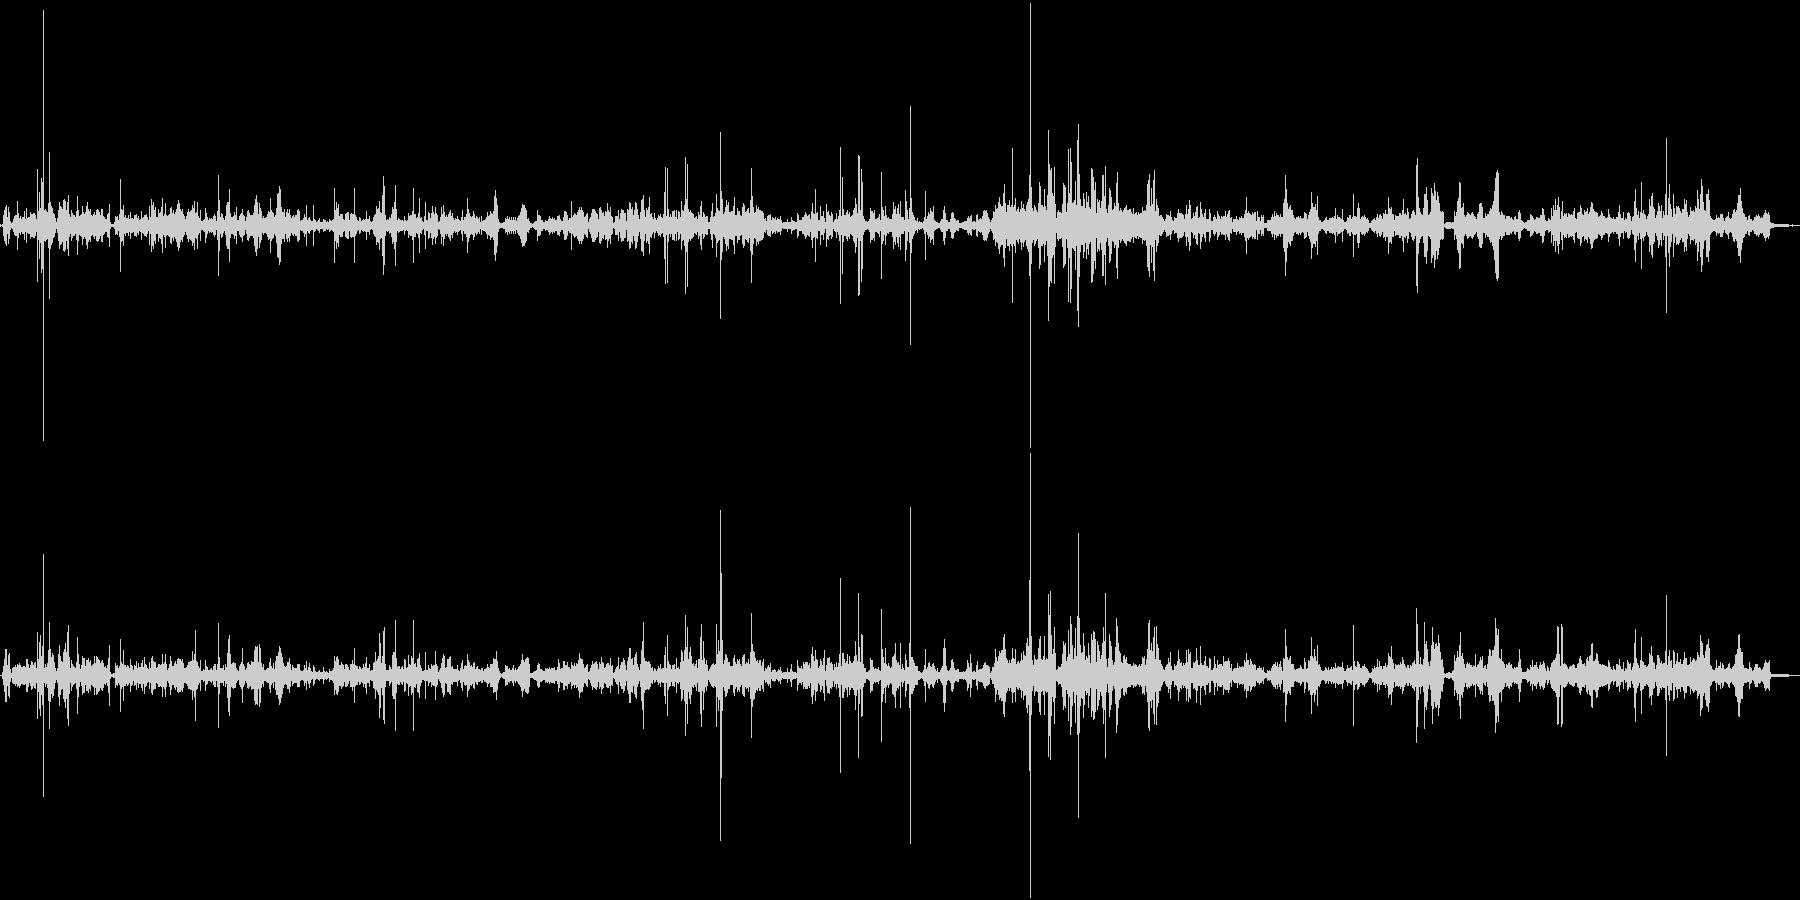 【生録音】ASMR 布の擦れる音・ノイズの未再生の波形